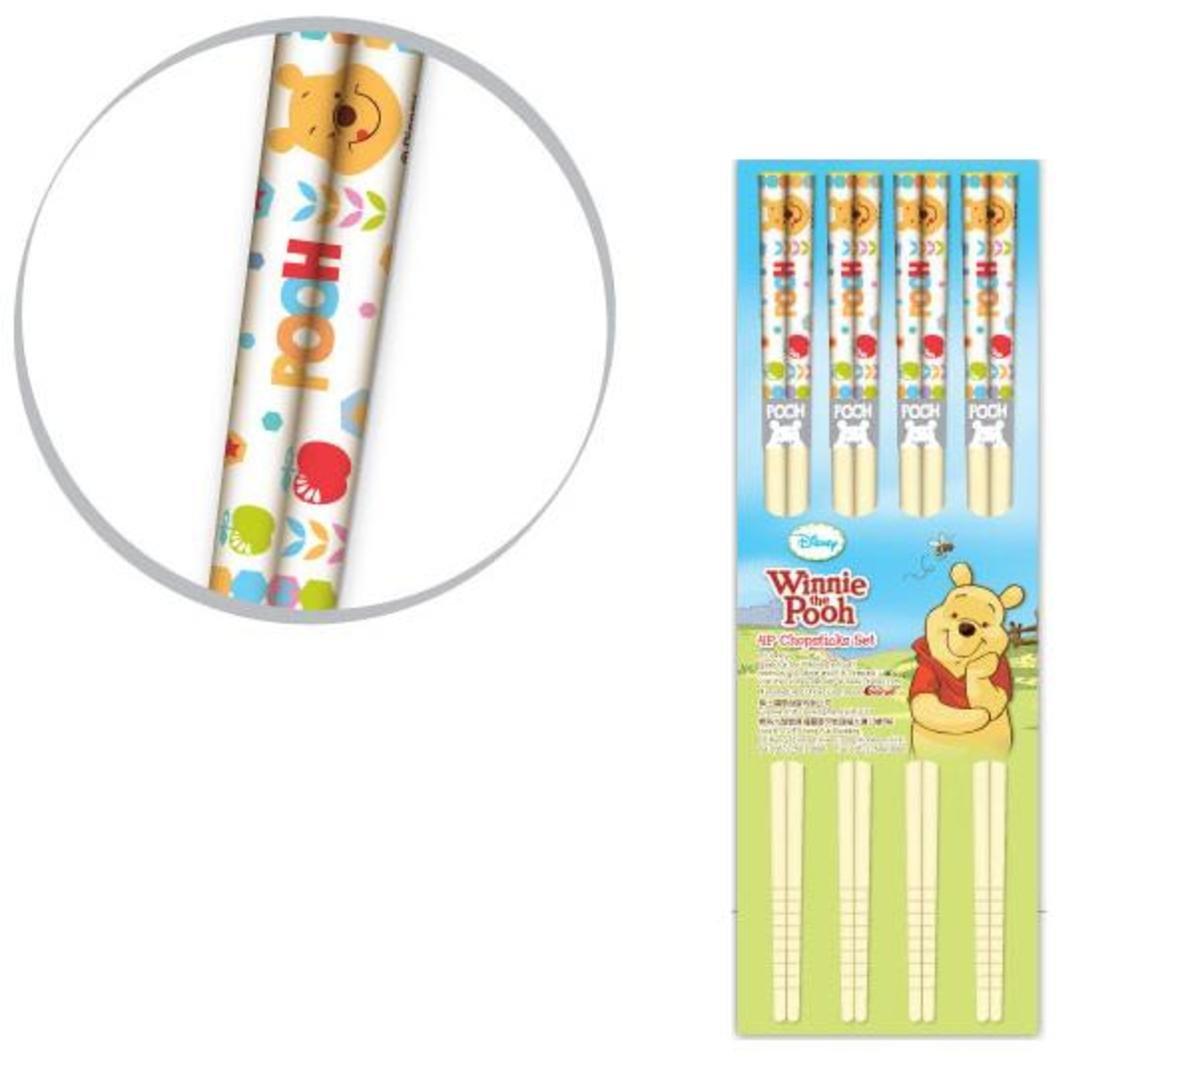 小熊維尼竹製筷子套裝